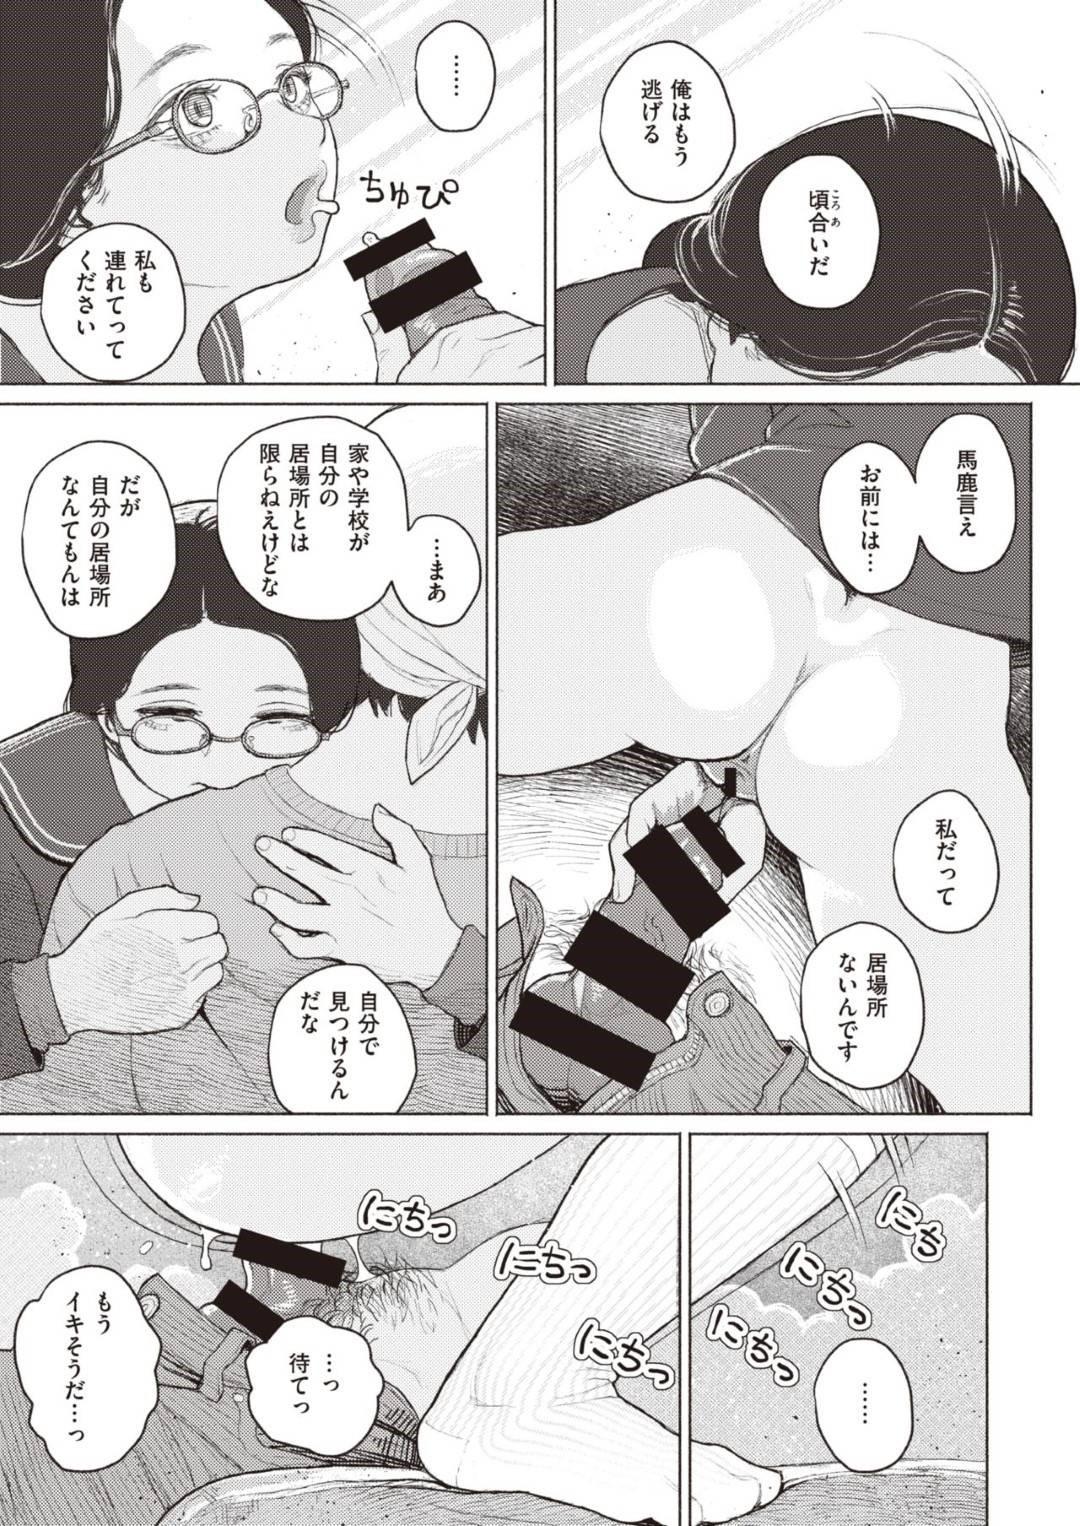 【エロ漫画】ひょんな事がきっかけで出会った男から調教エッチを受ける清楚系眼鏡JK…ドMな彼女は彼にされるがままに拘束されて中出しセックスを受け入れる!